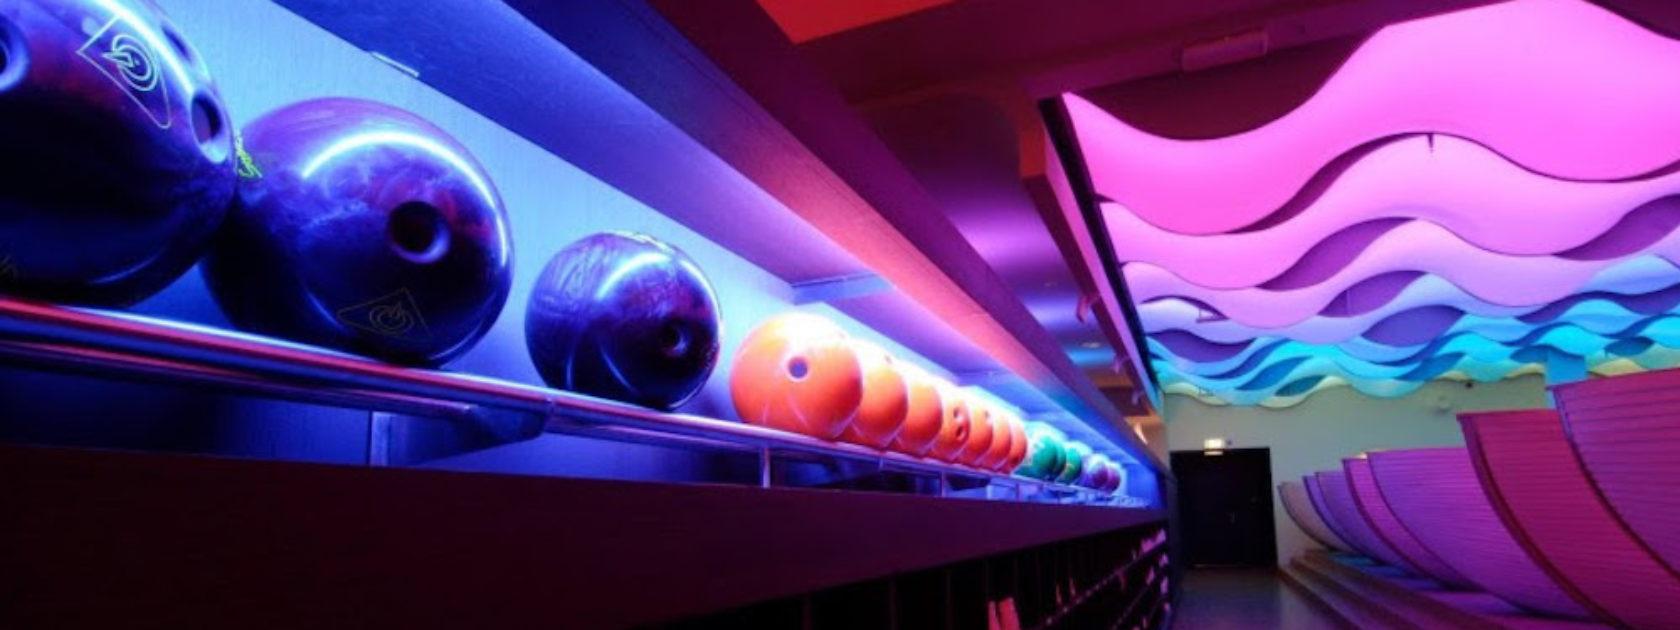 Bowlen in Rotterdam doe je natuurlijk bij Atoll. Je vindt Atoll vlak naast de bioscoop en verschillende restaurants.